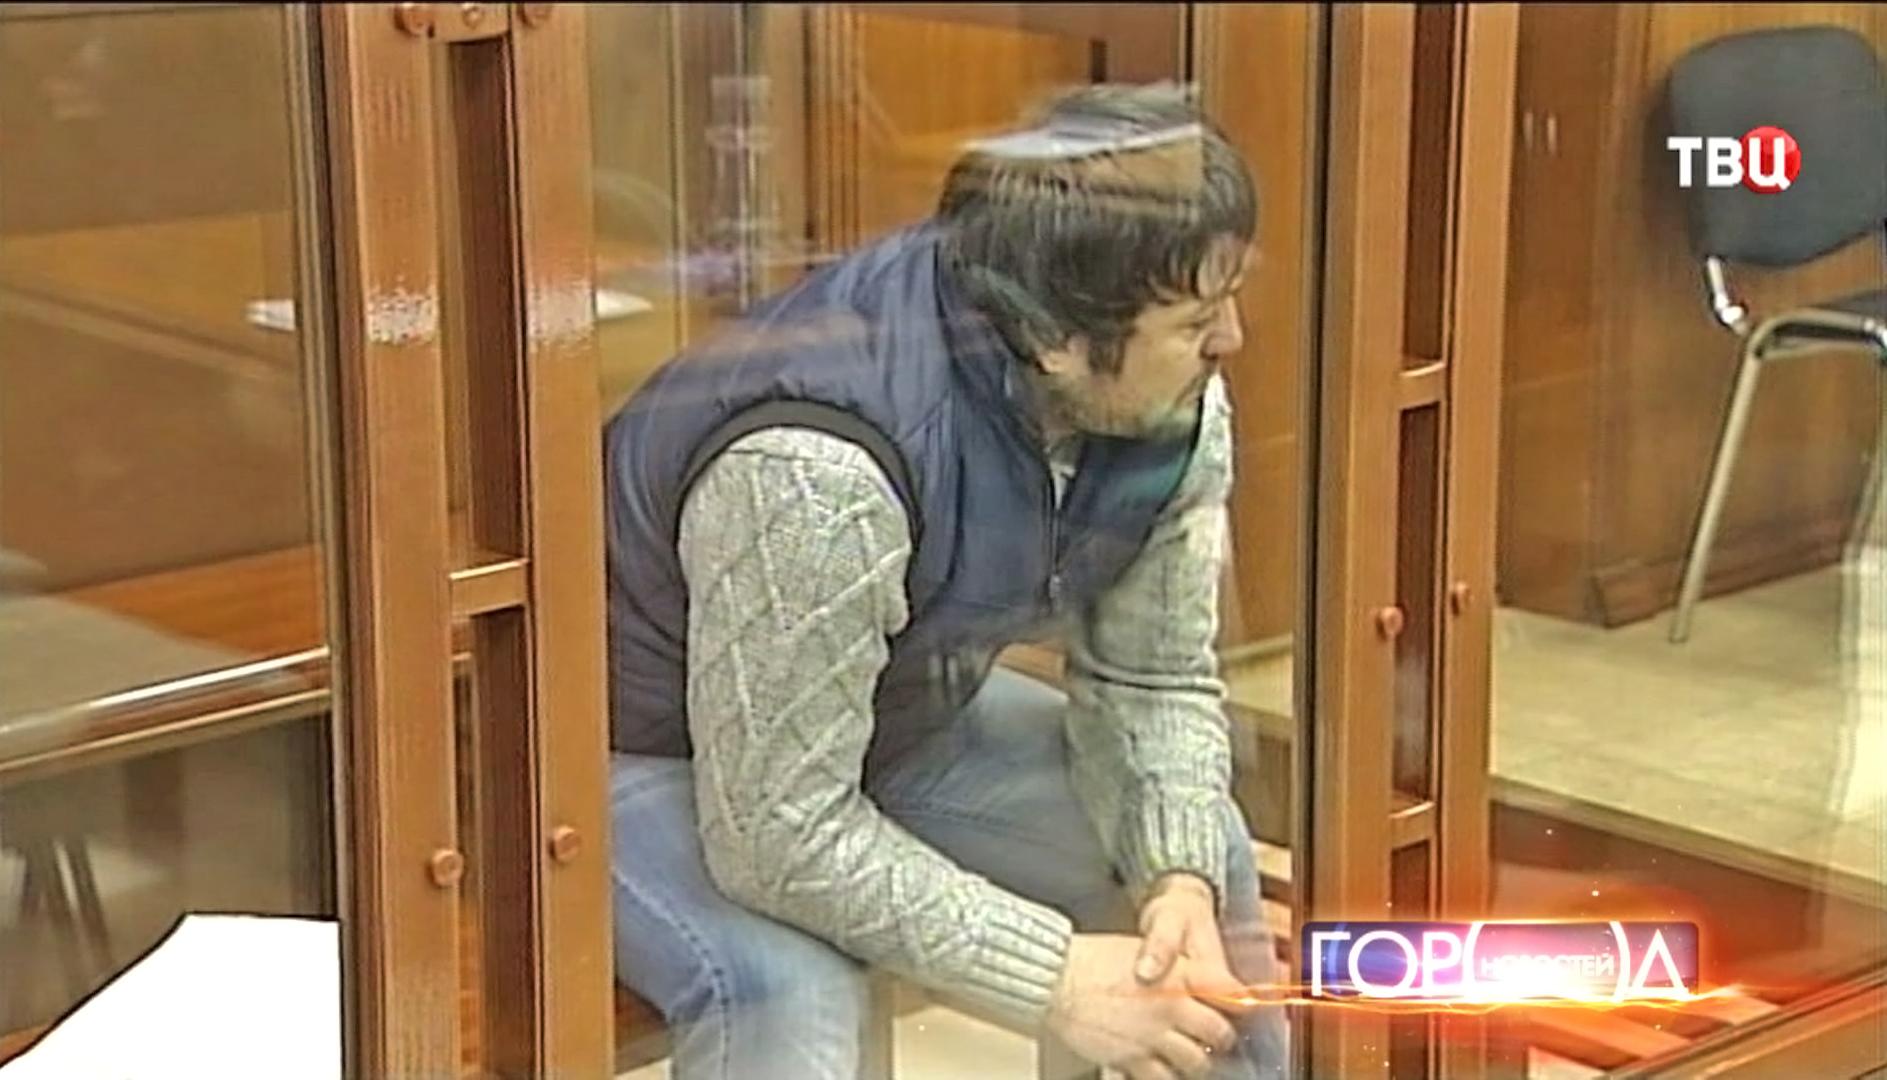 В Мосгорсуде проходят предварительные слушания по уголовному делу в отношении супругов Расуловых